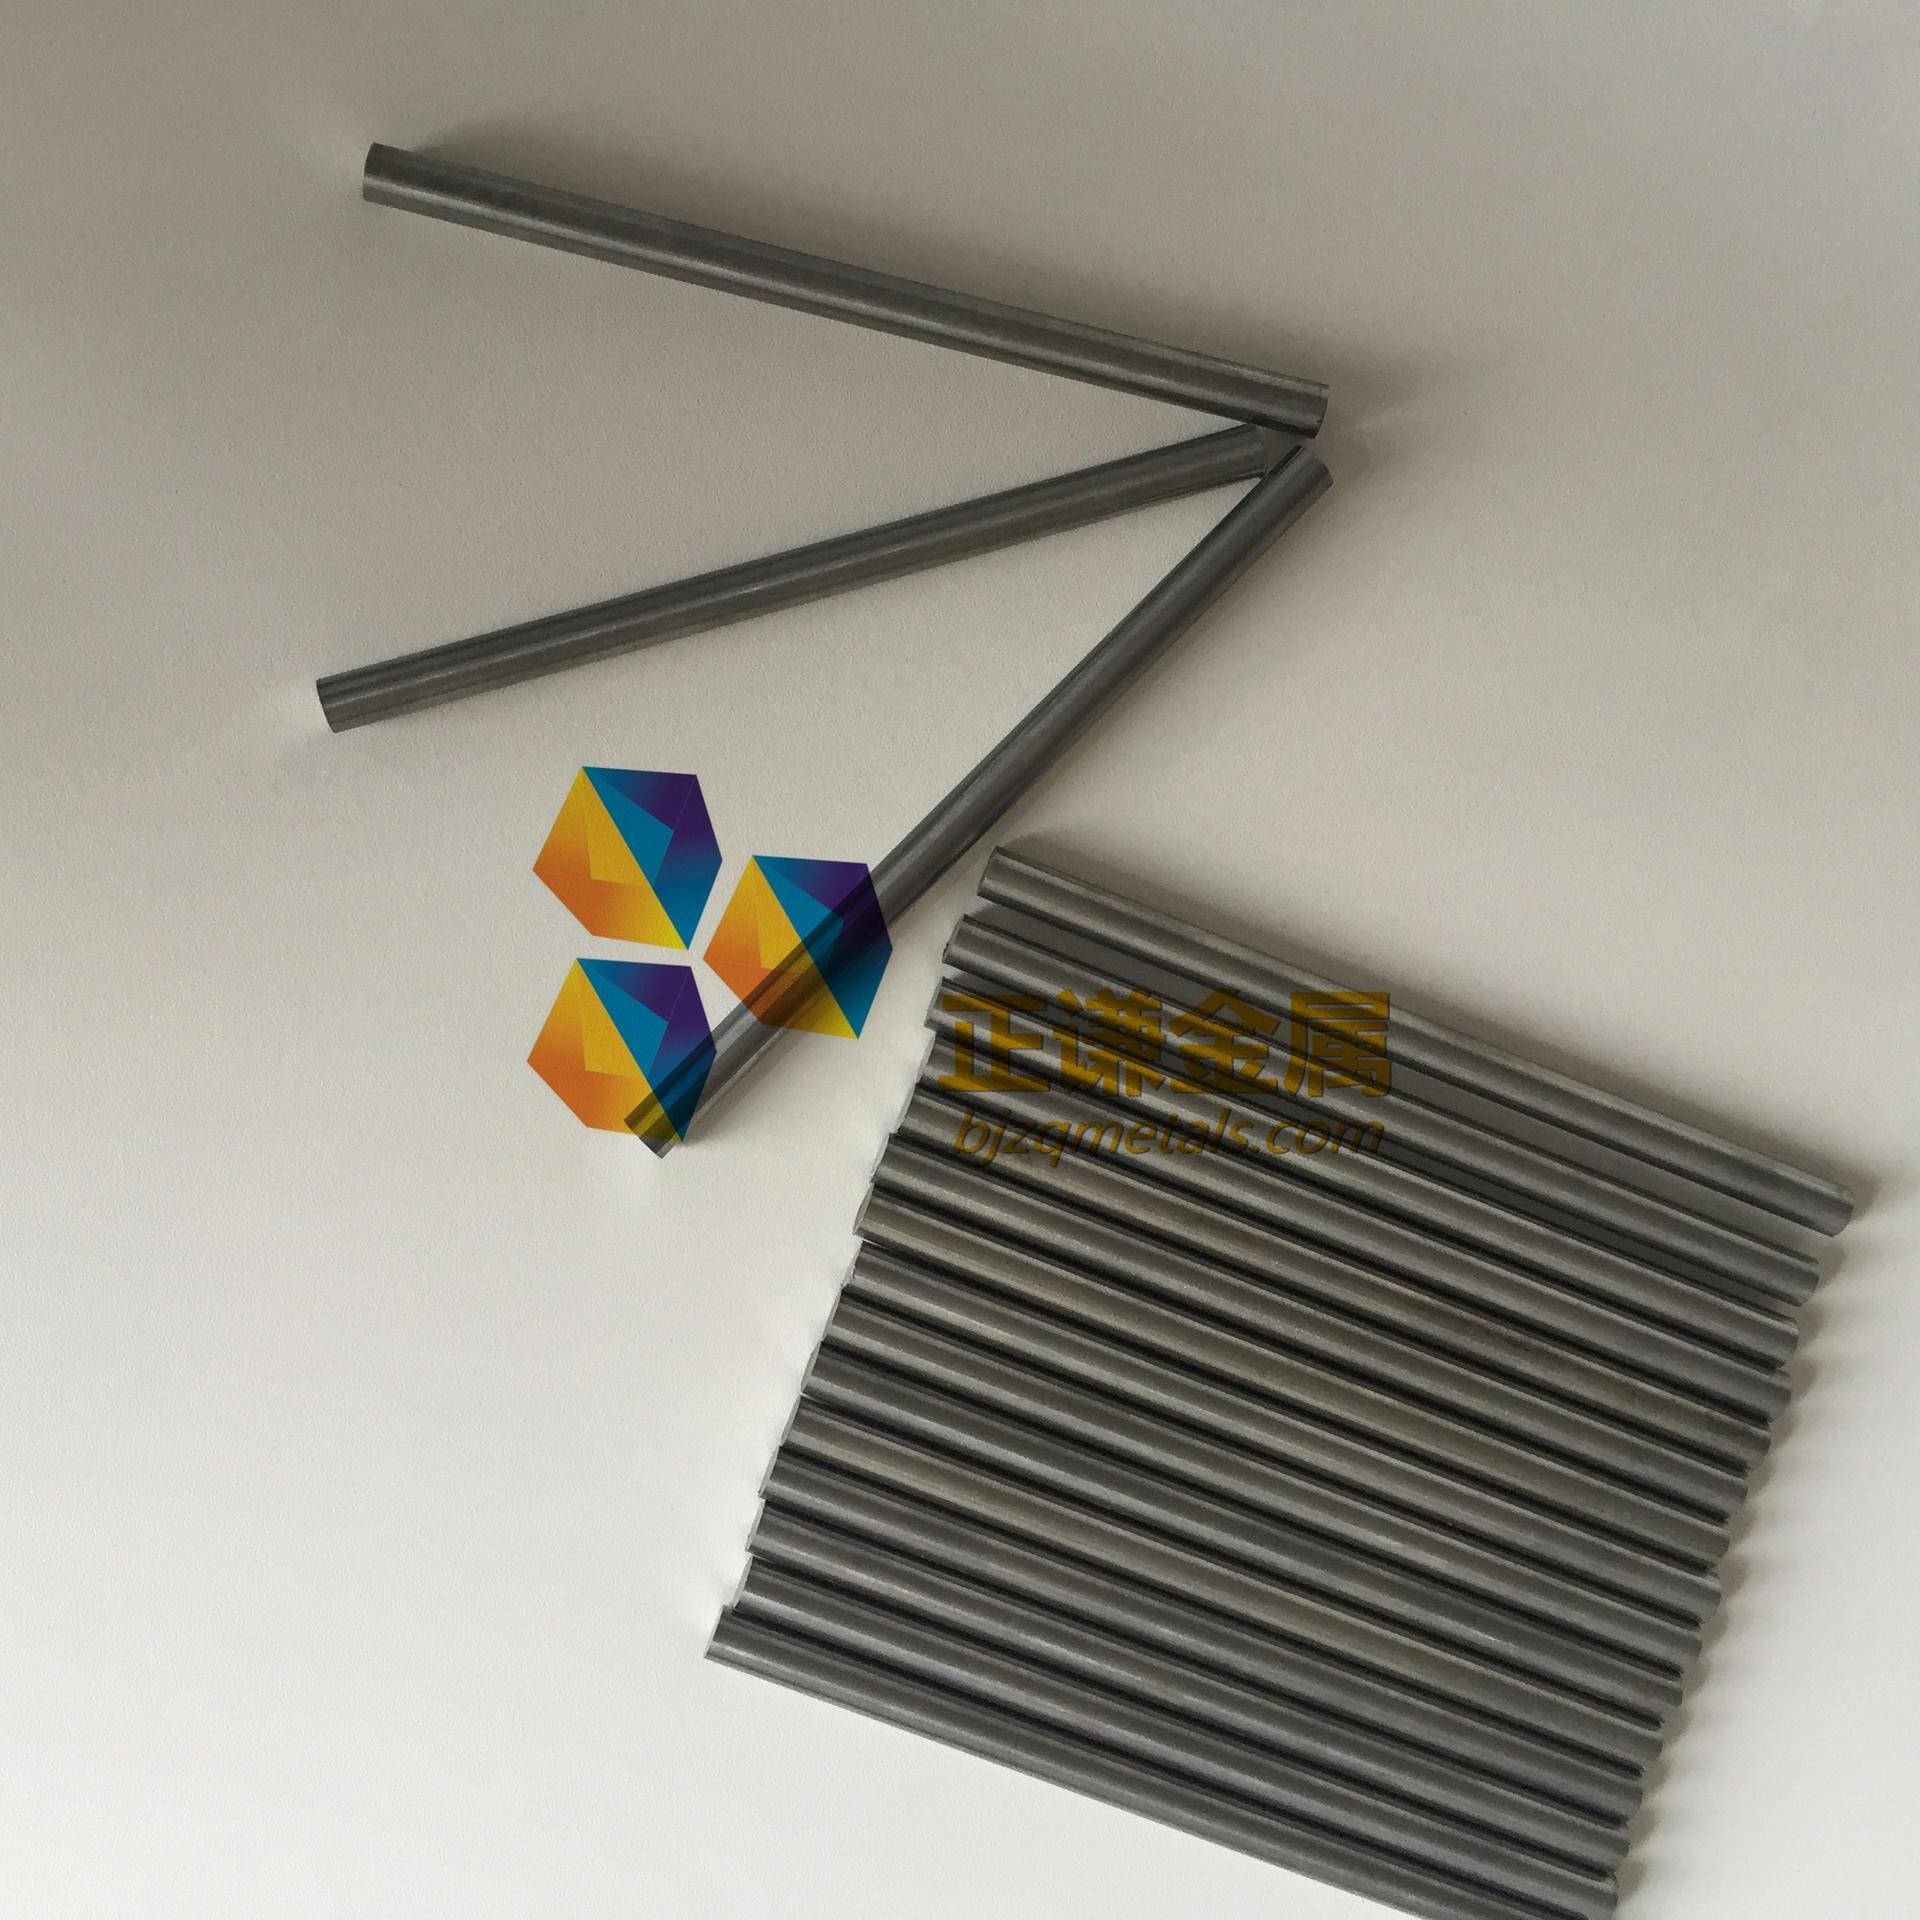 现货供应优质钛棒 钛丝 钛棒 TA1 TA2 TC4 4MM-150MM钛光棒